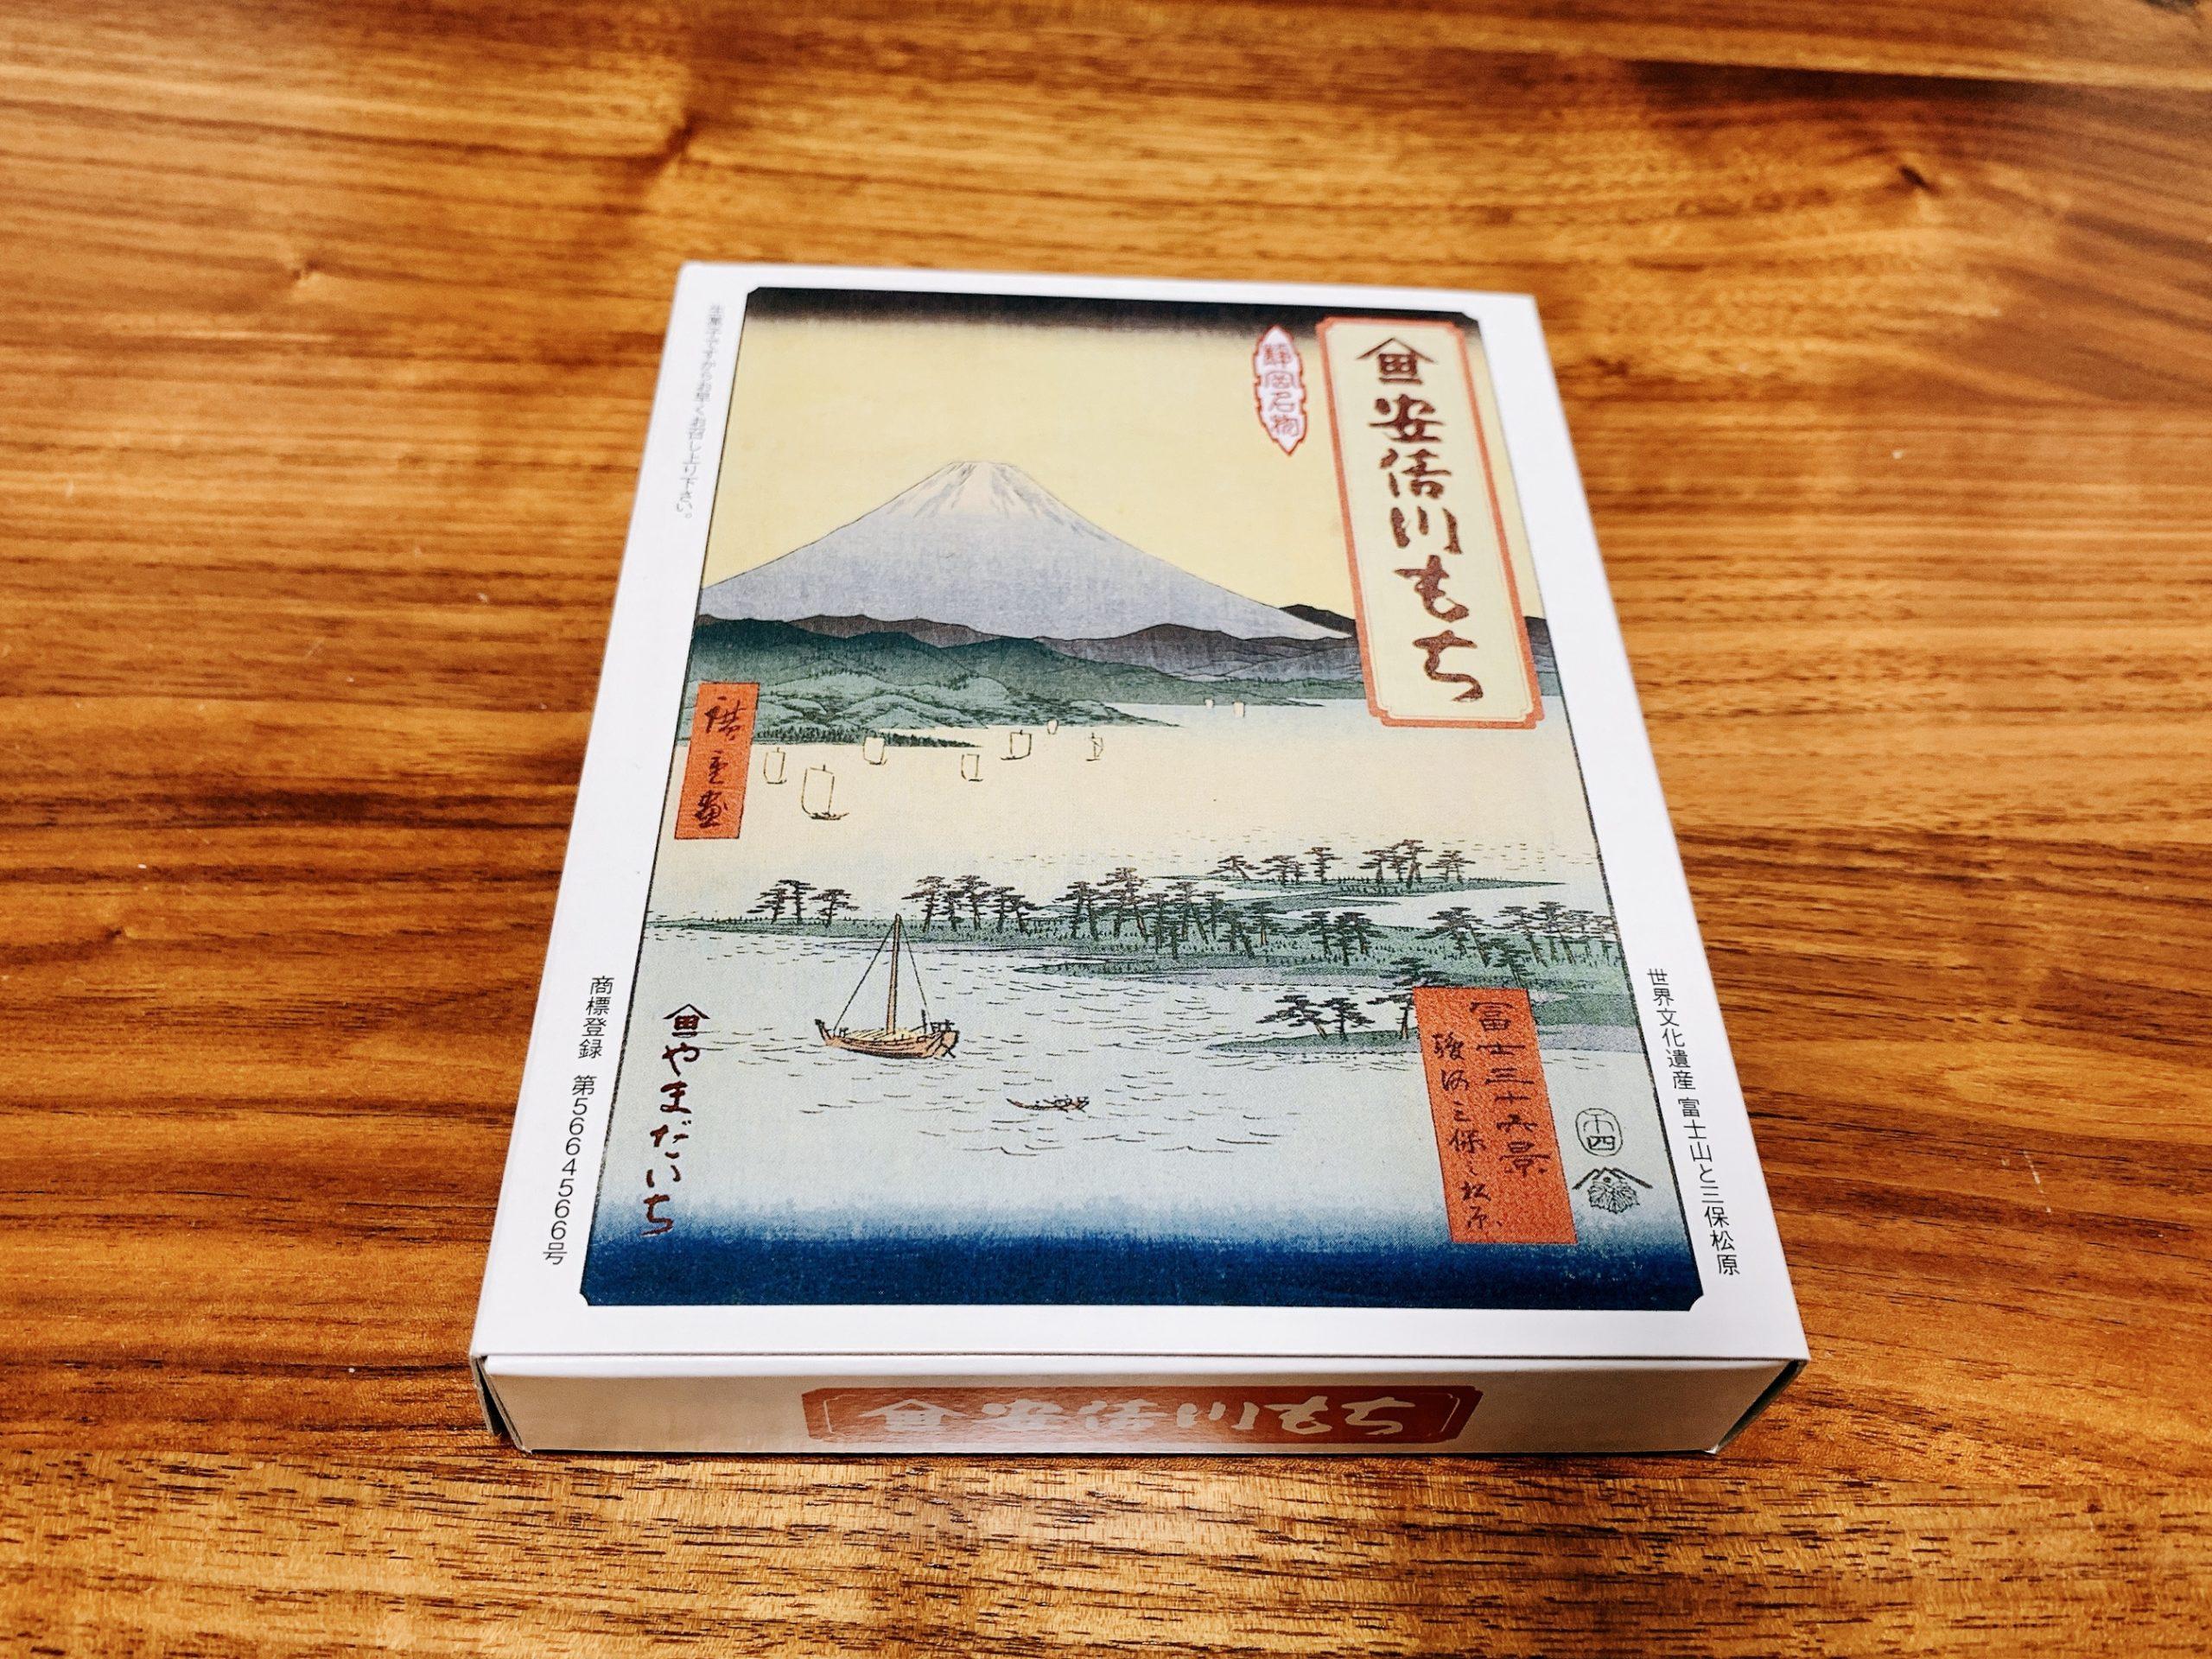 静岡銘菓と言ったら安倍川もち。 今回はやまだいちの安倍川もちを食べてみました。